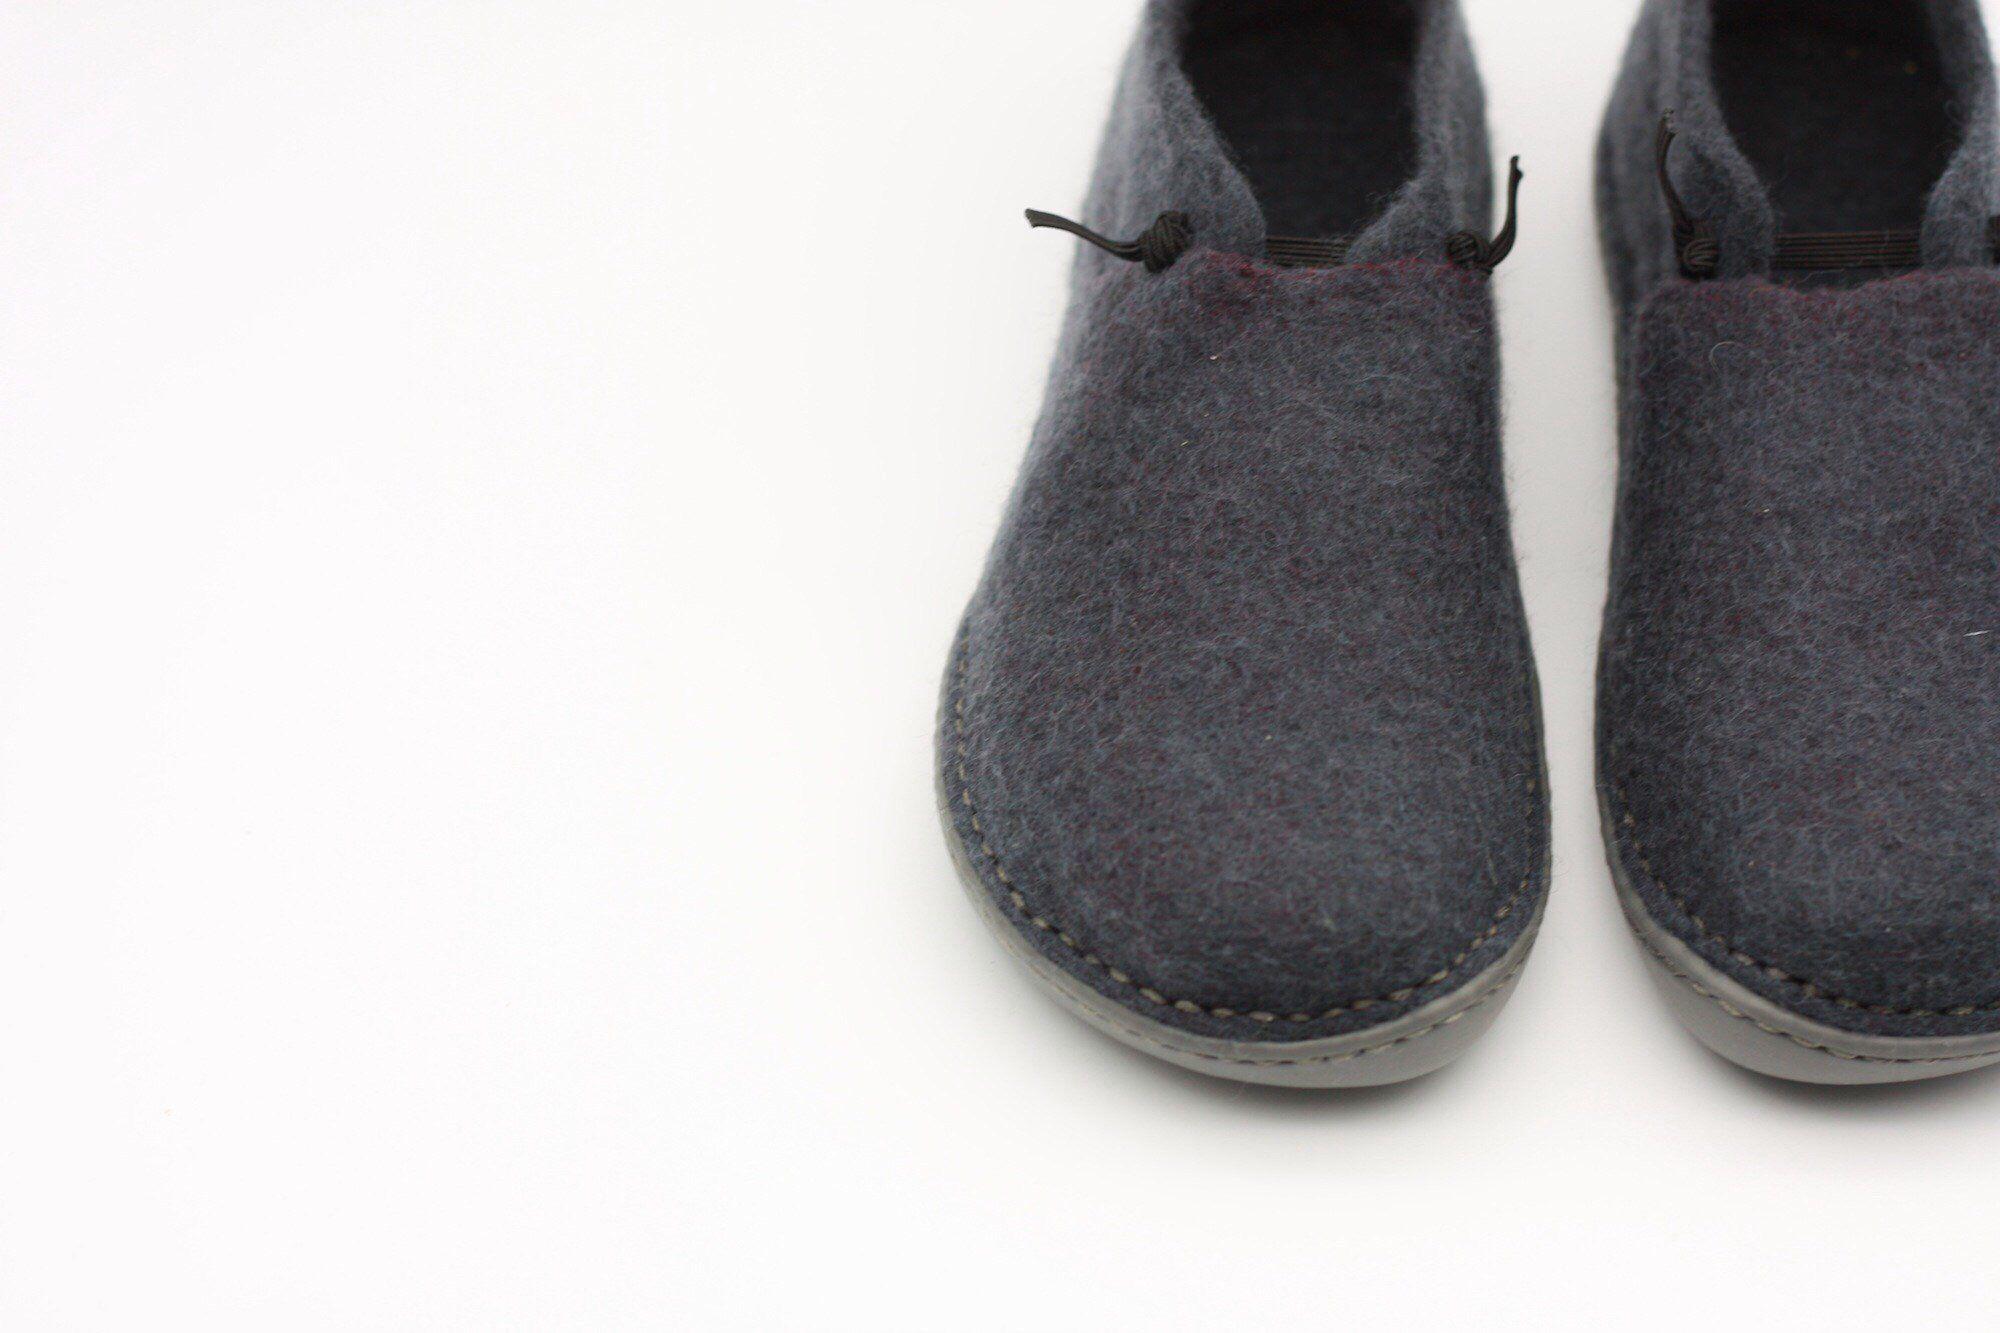 3235954818079 LUCIELALUNE stylish ballet shoes handmade felted merino wool slip on ...